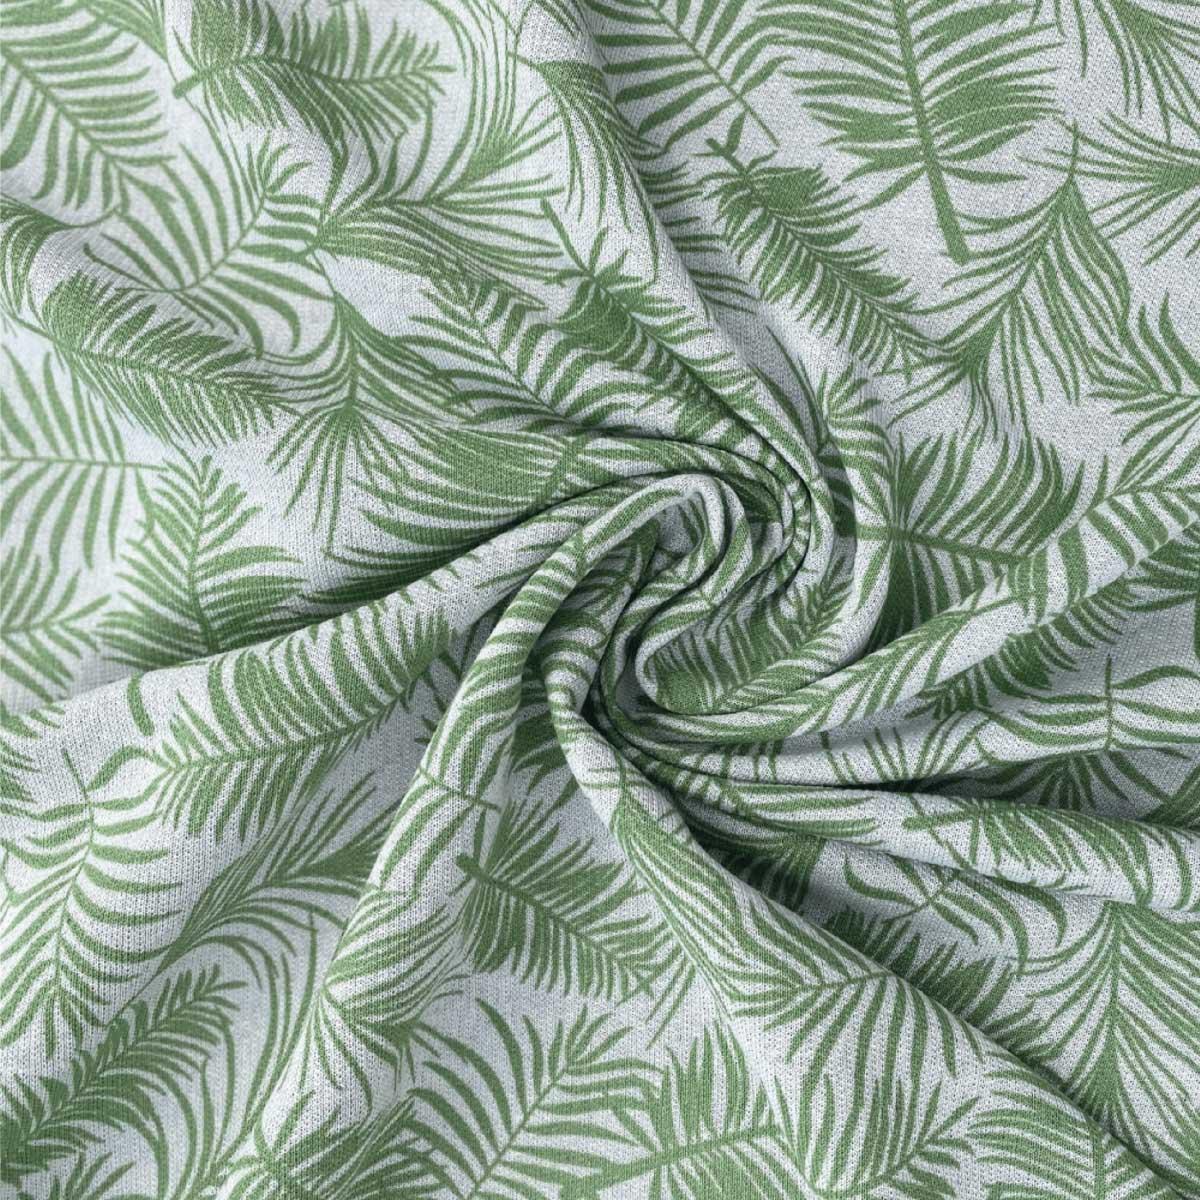 Moletom Careca Sustentável Estampado Folhas - Corte com 4 metros